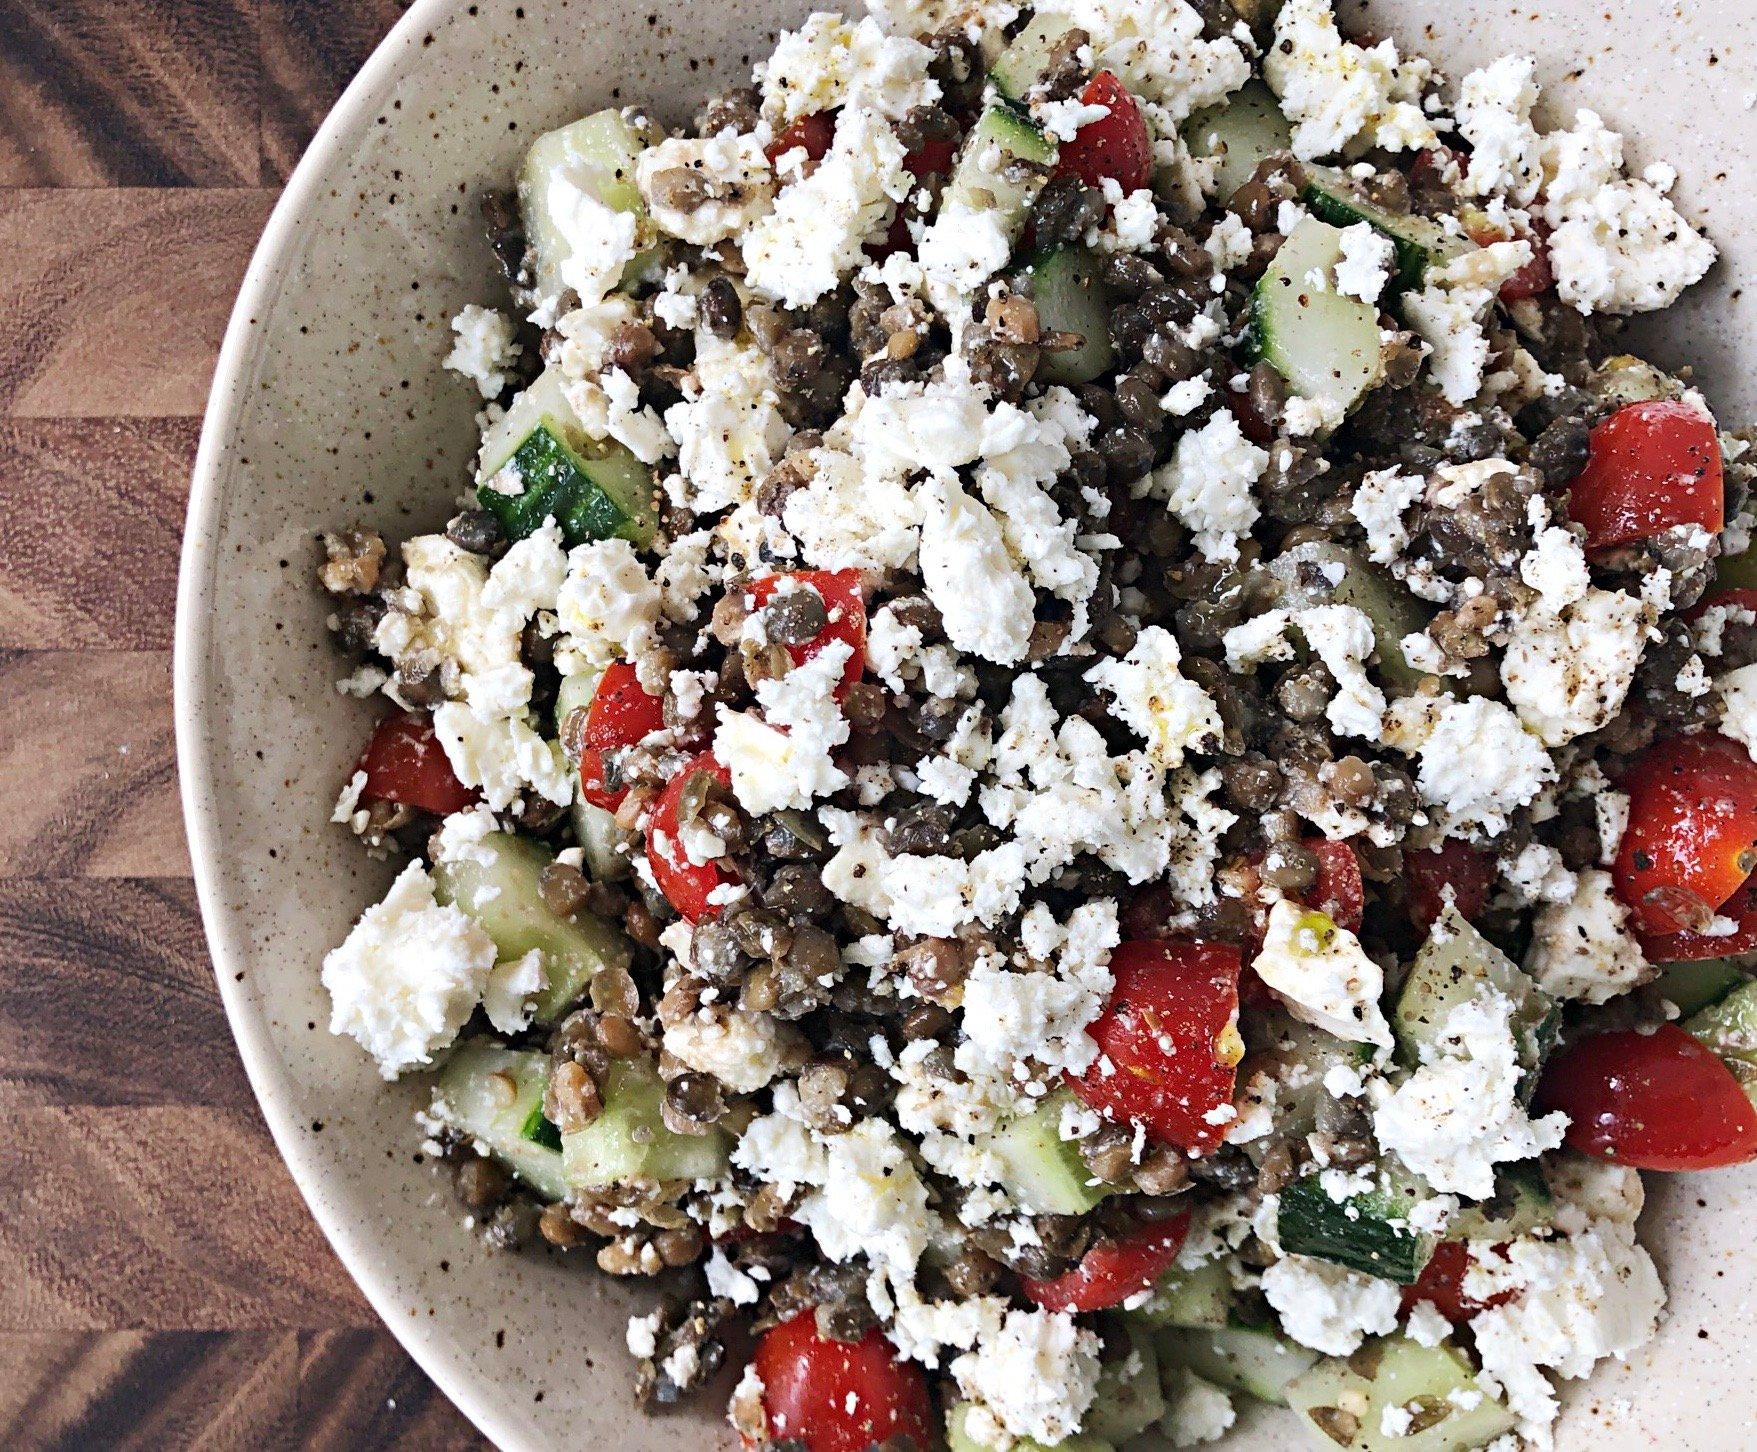 don't feel like cooking lentil salad